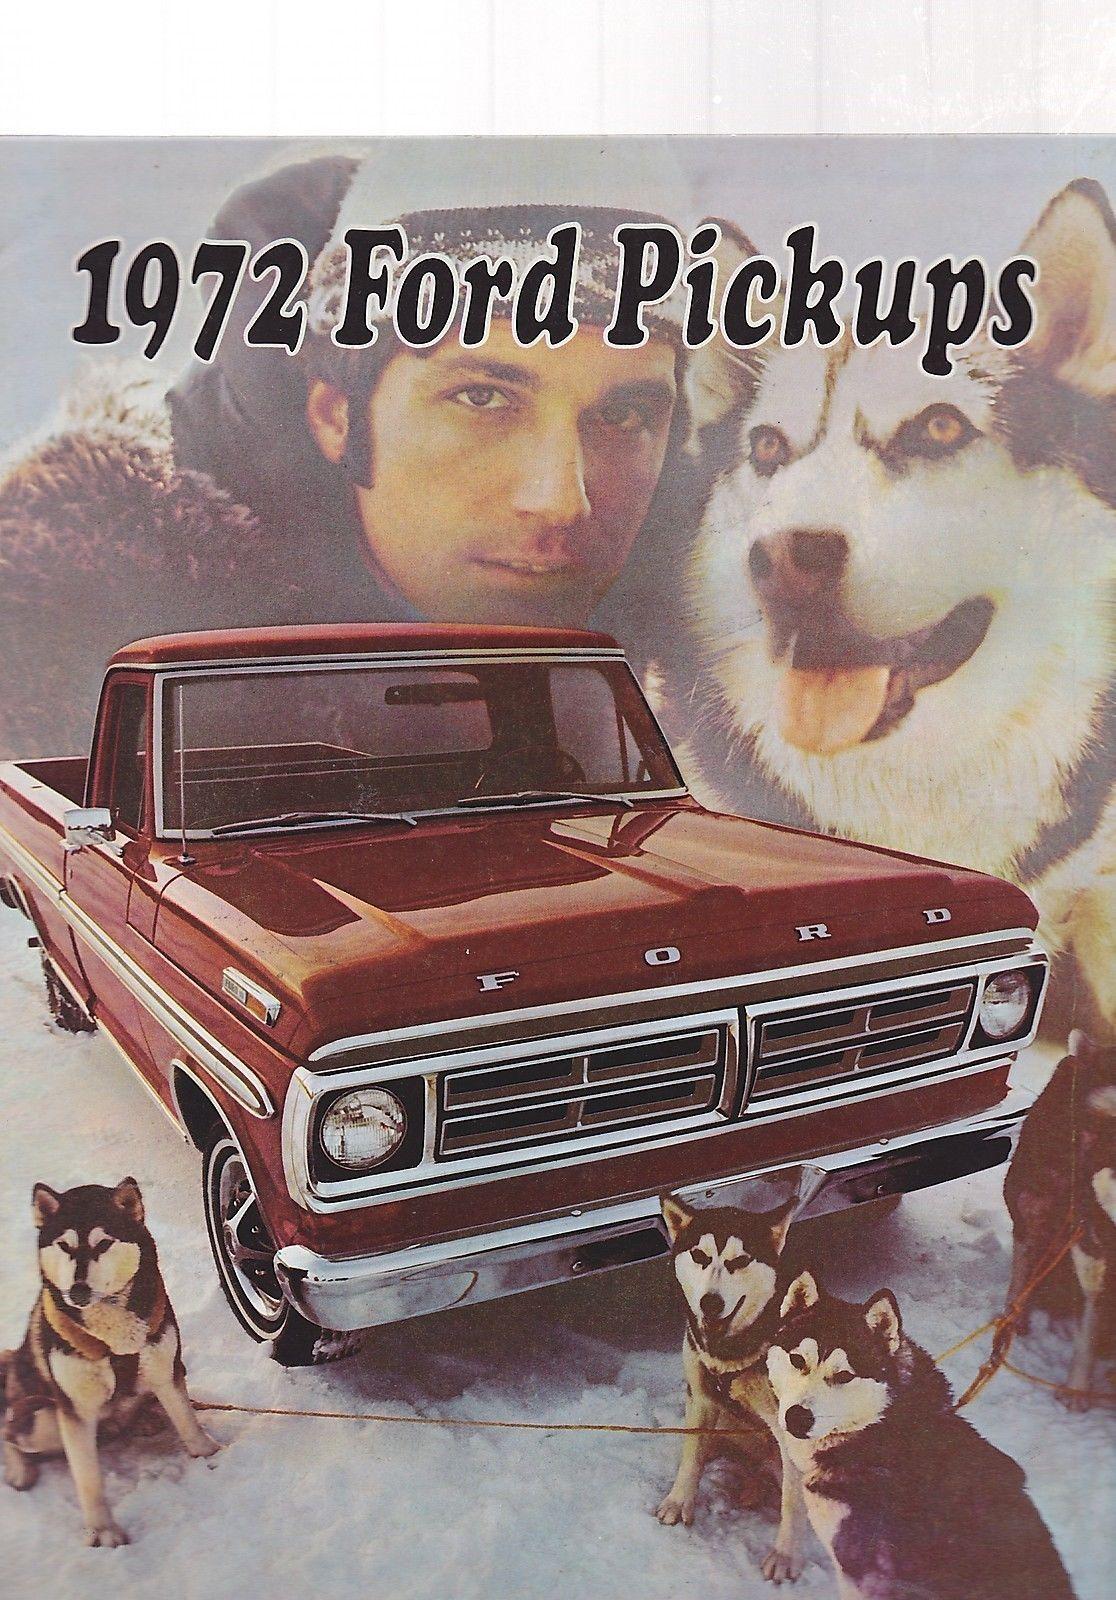 Misc 0620 1972 Ford Pickup Truck Vintage CAR Brochure   eBay ...